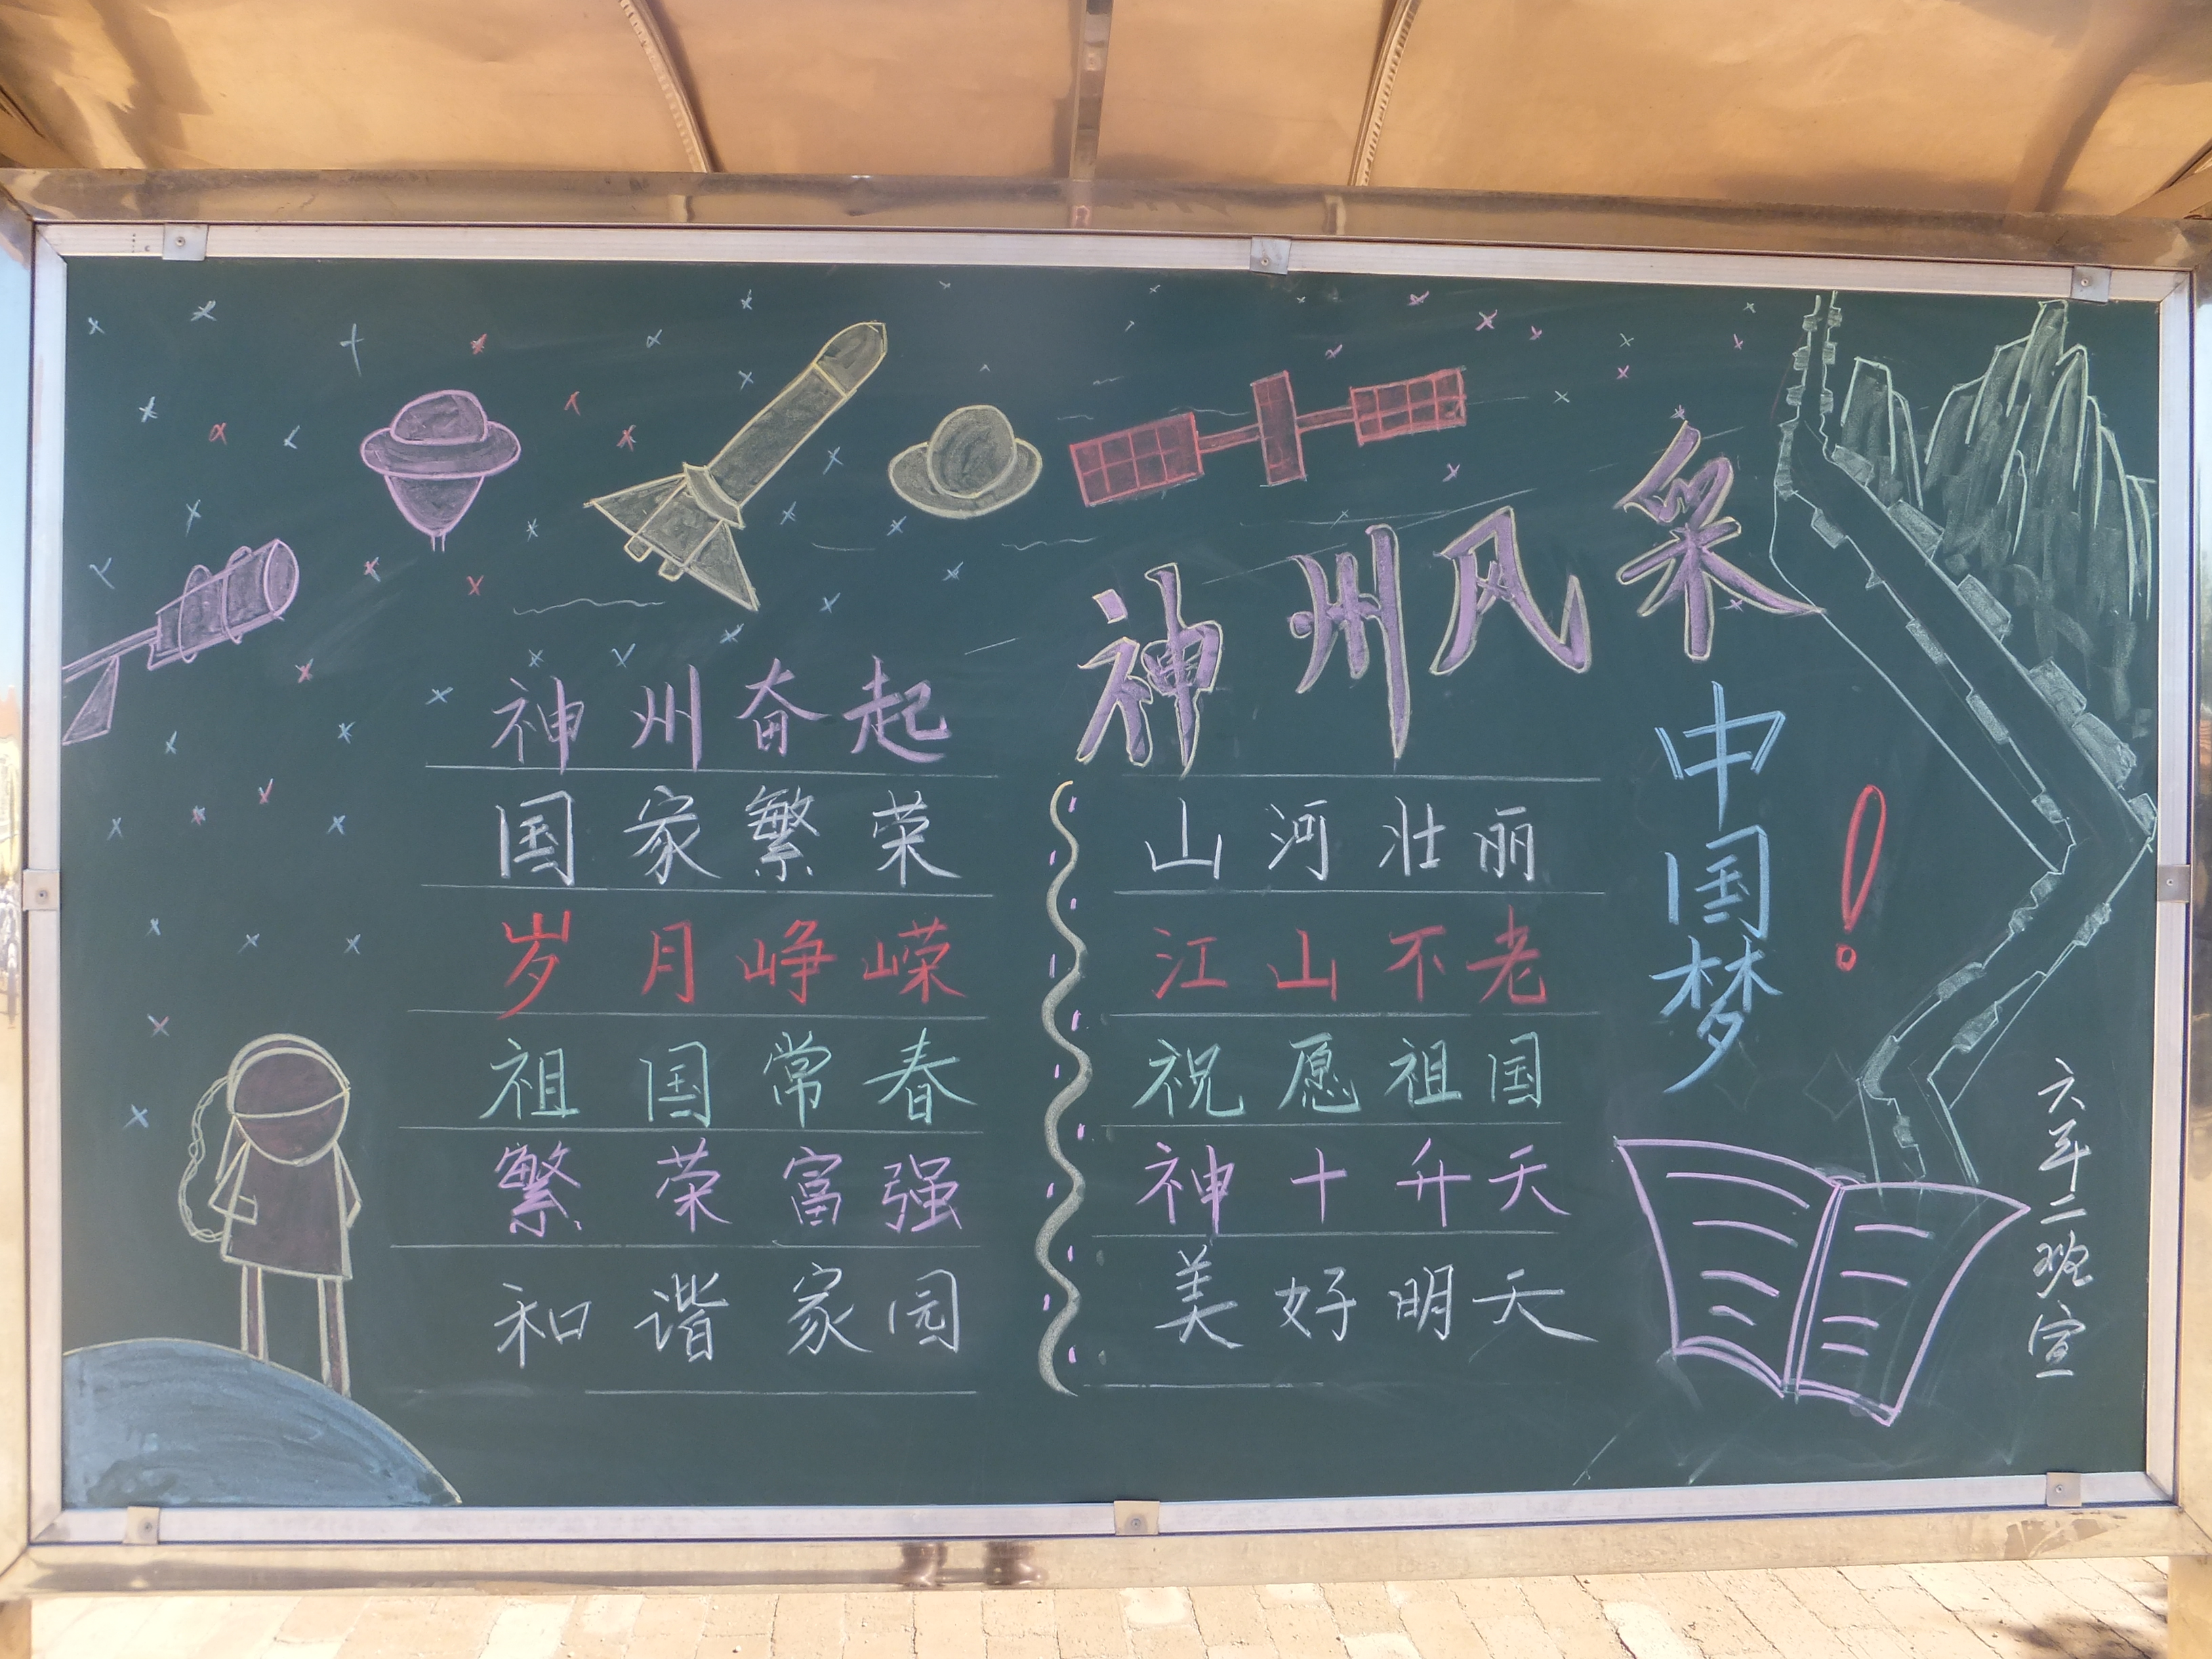 建队日板报 红领巾相约中国梦动态上传 活动 未来网红领巾集结号